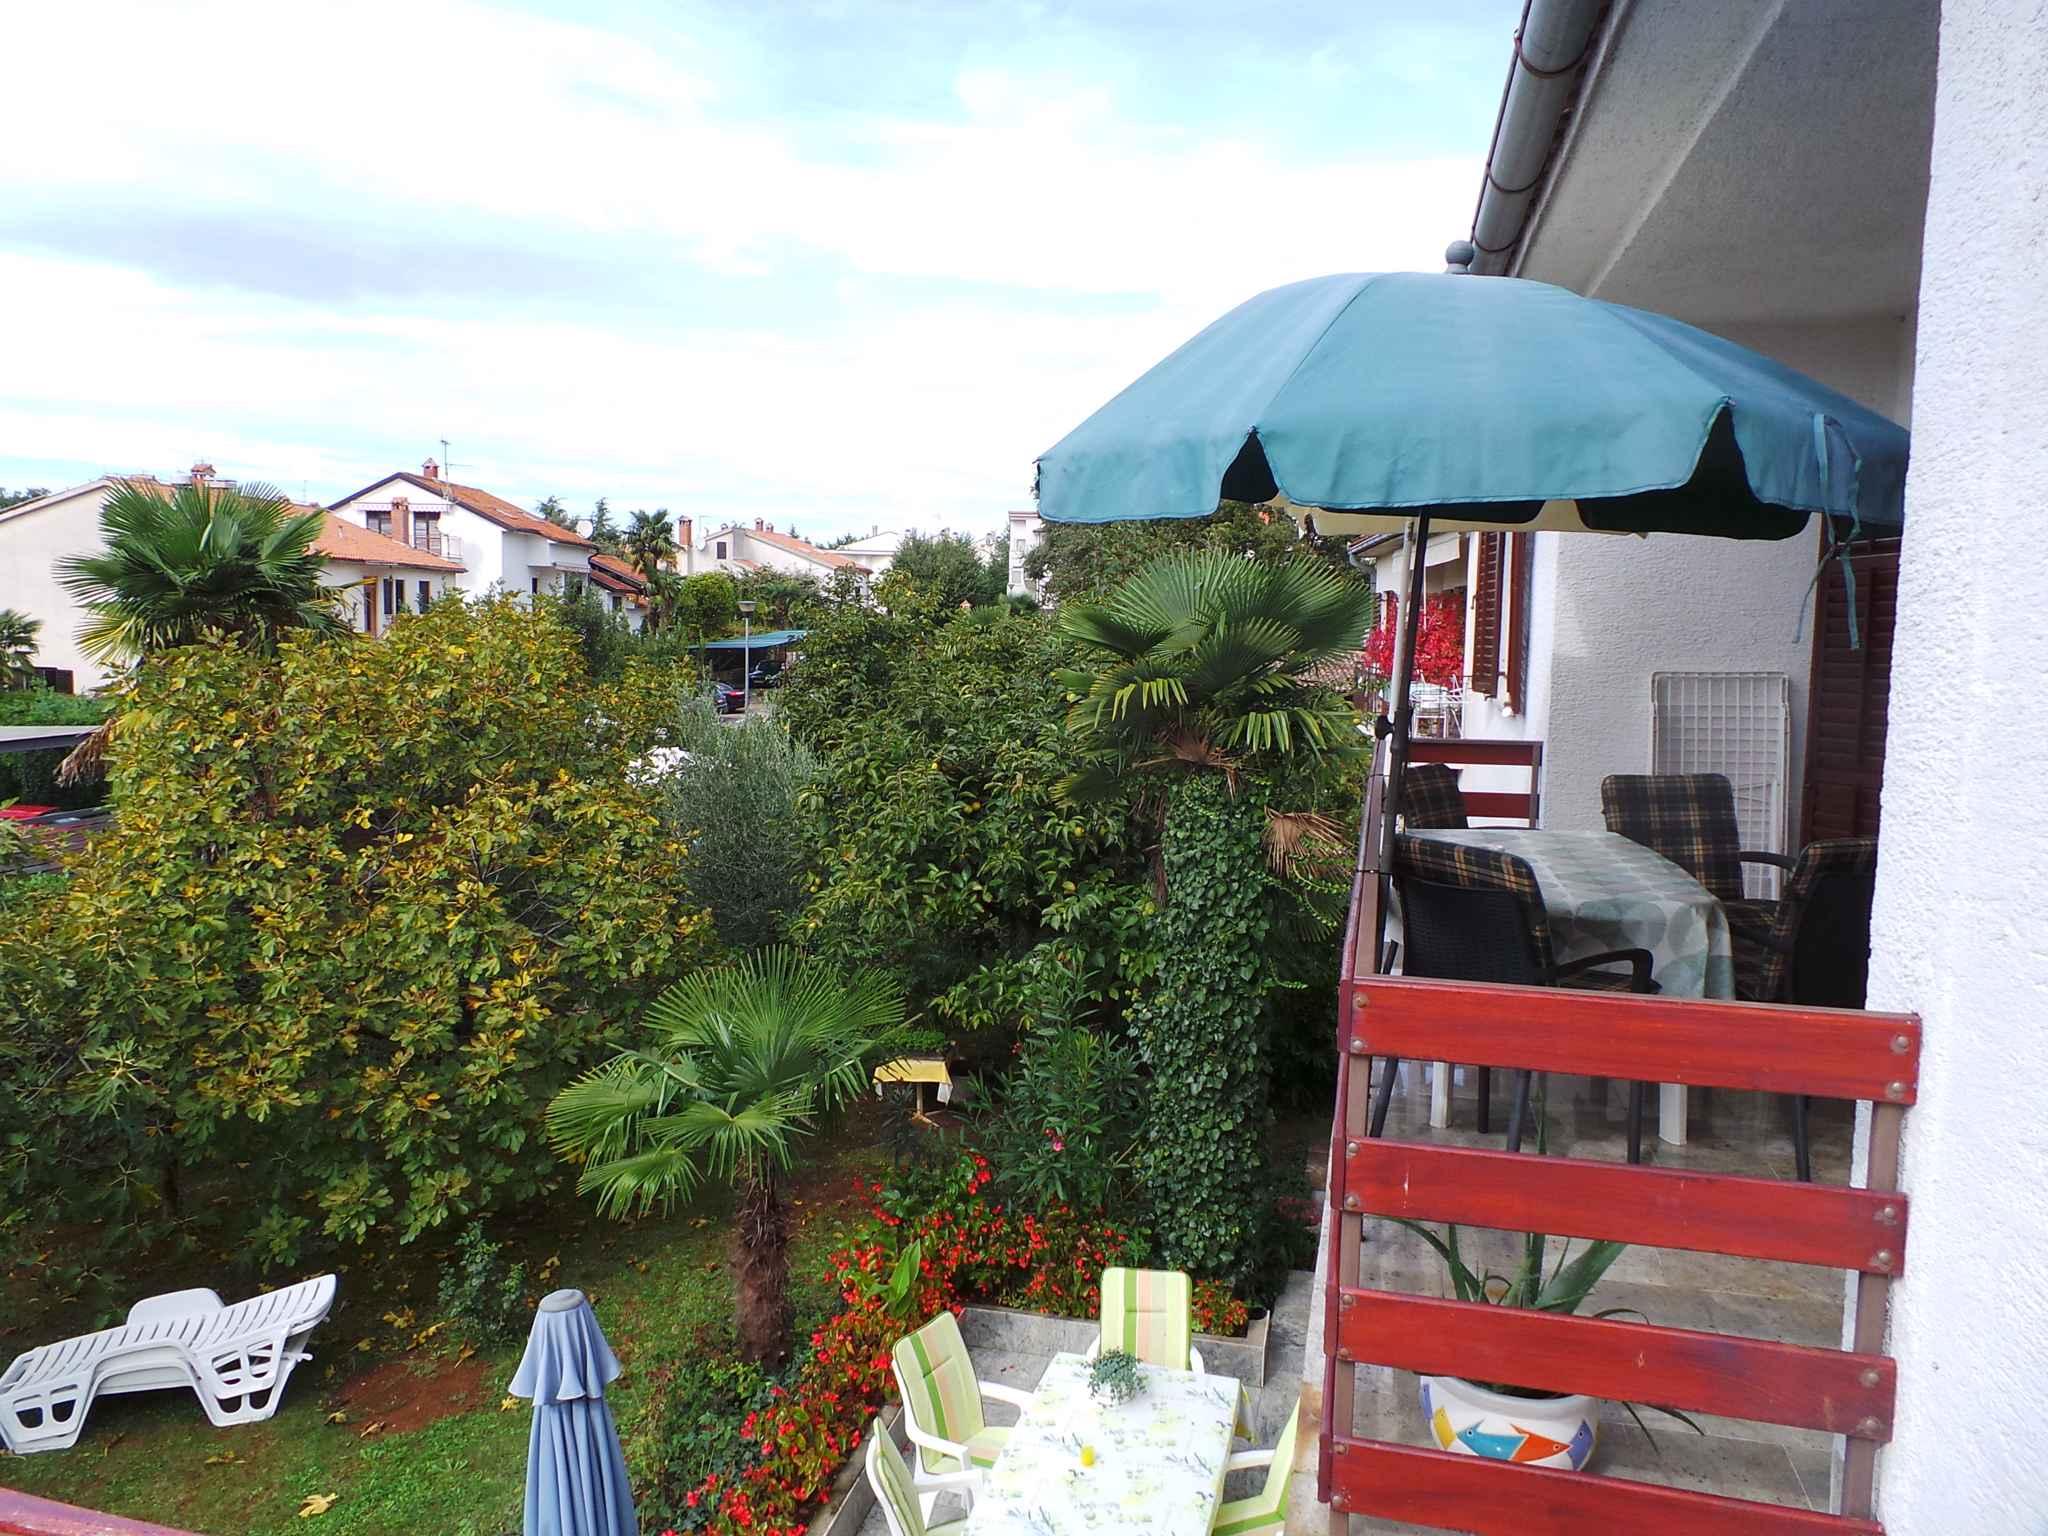 Ferienwohnung mit 2 Balkons (280344), Porec, , Istrien, Kroatien, Bild 6